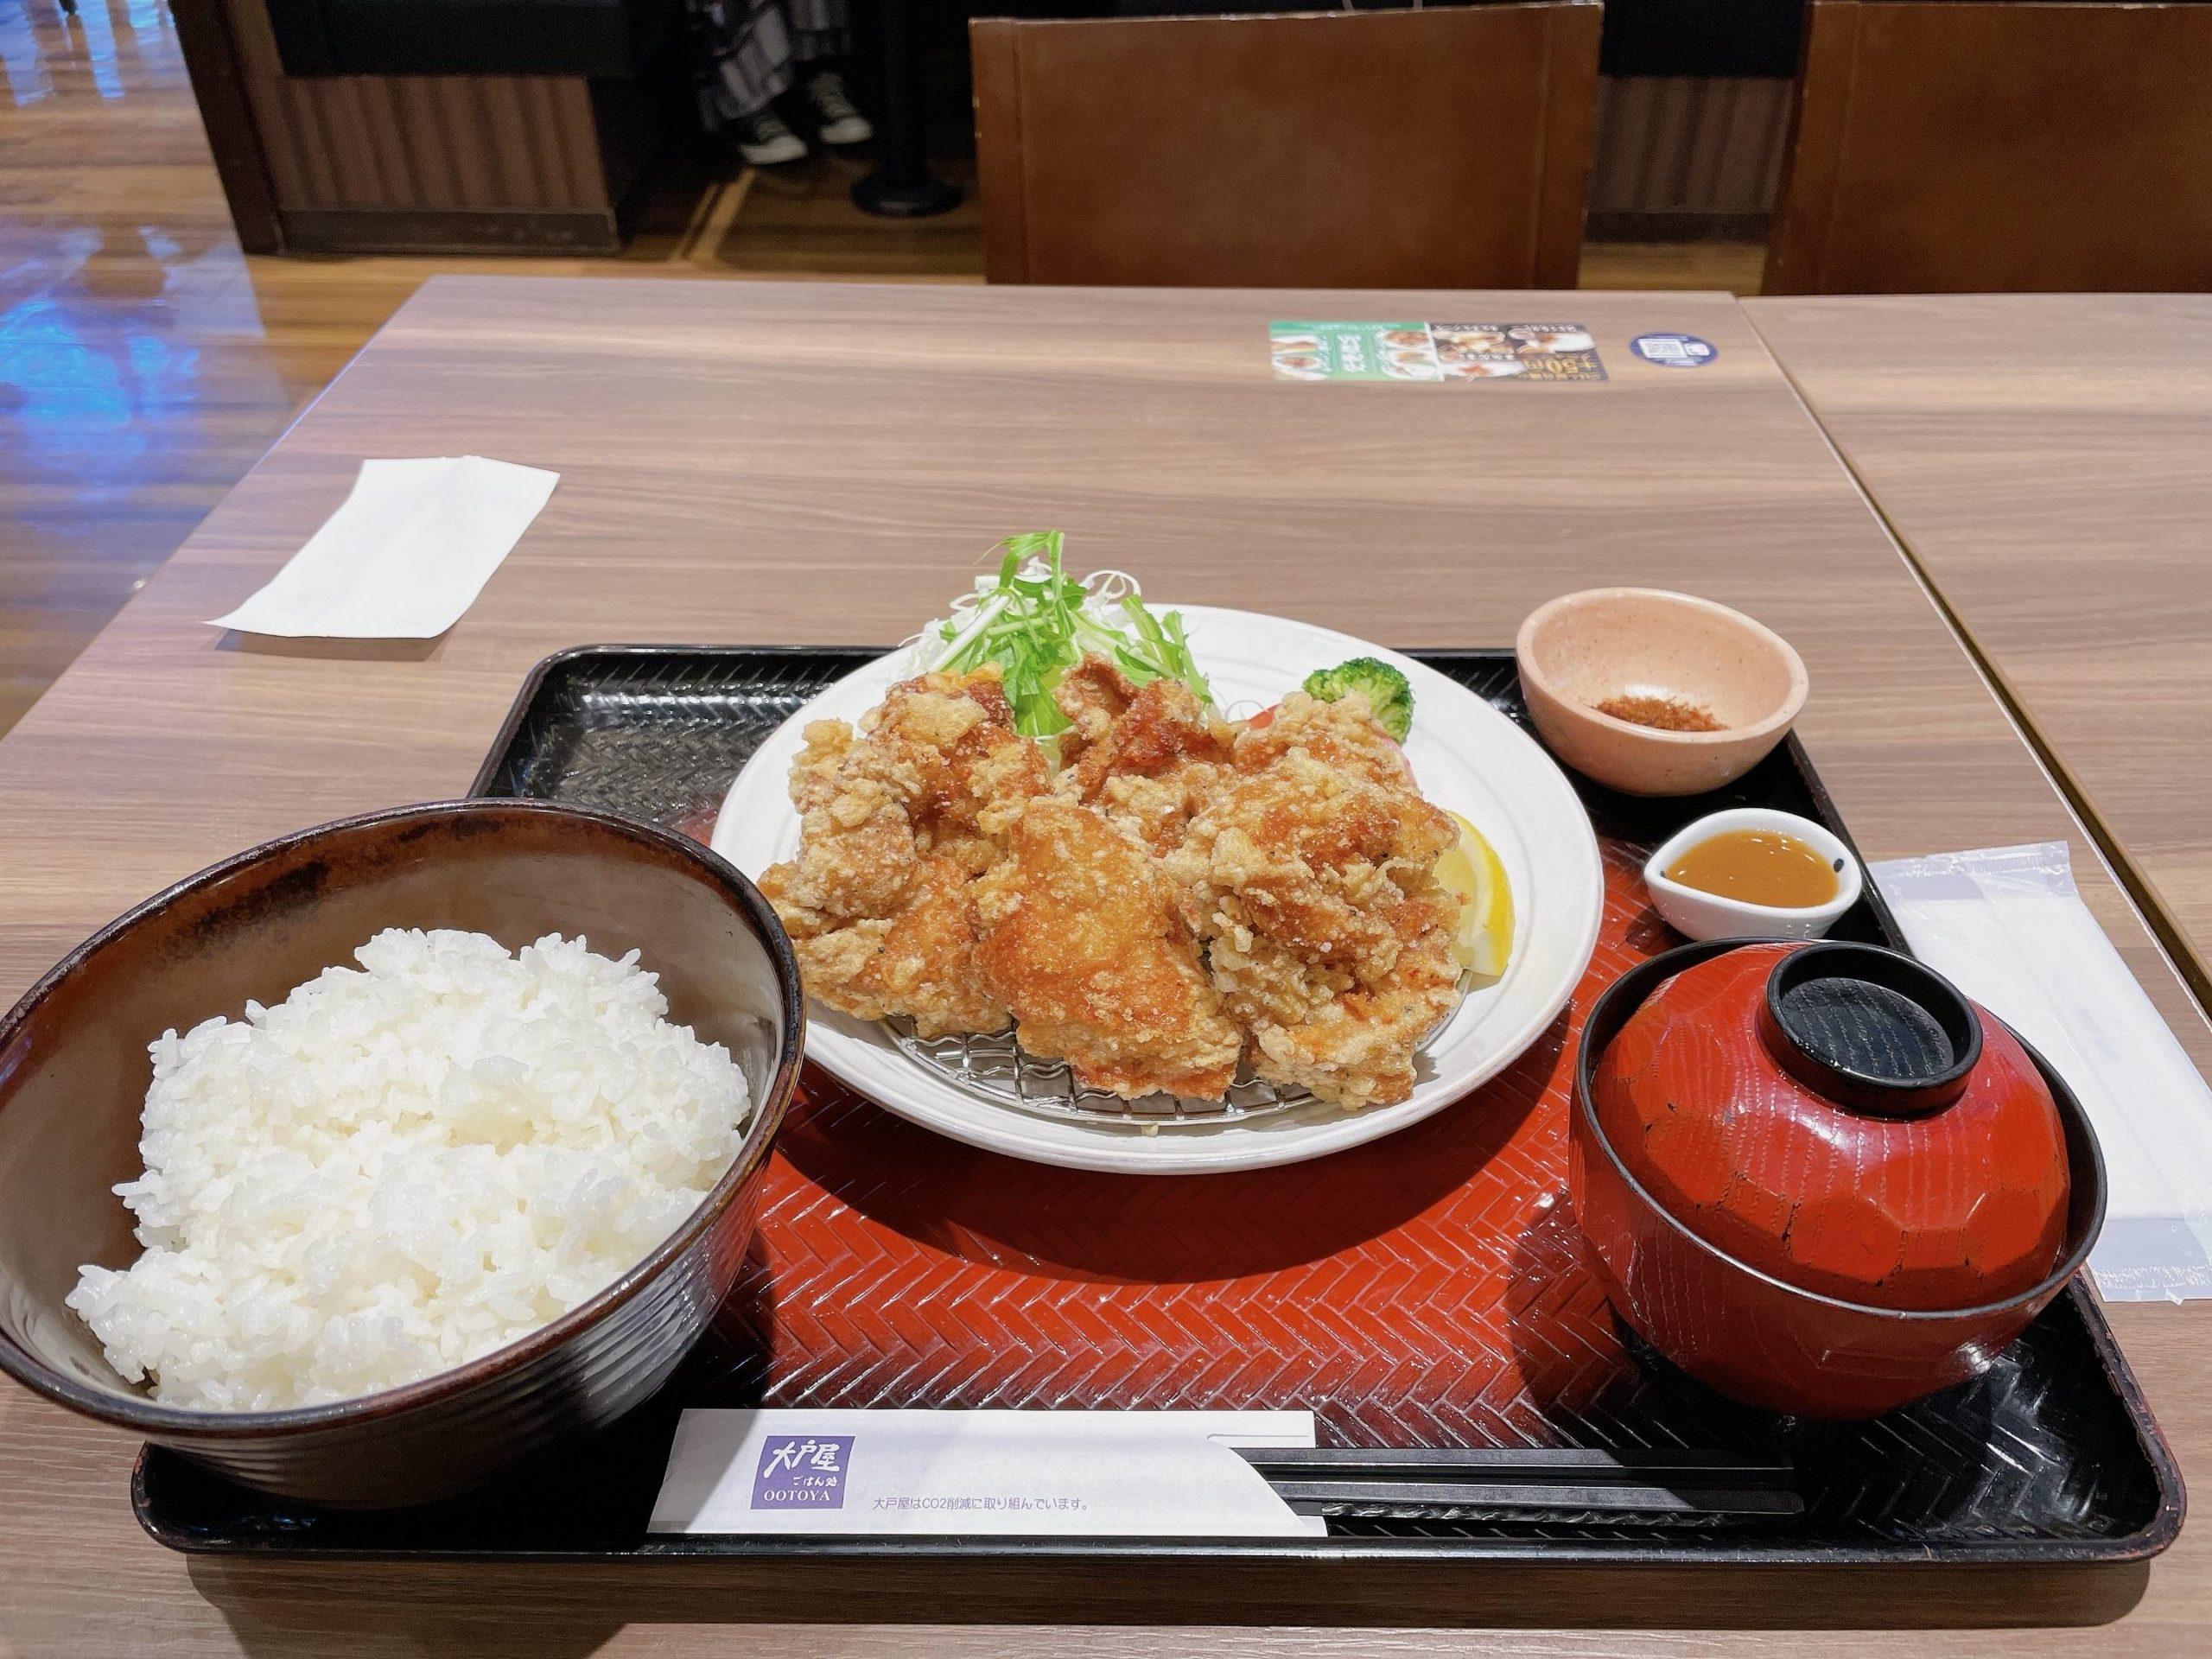 【画像あり】大戸屋の唐揚げ定食wwww